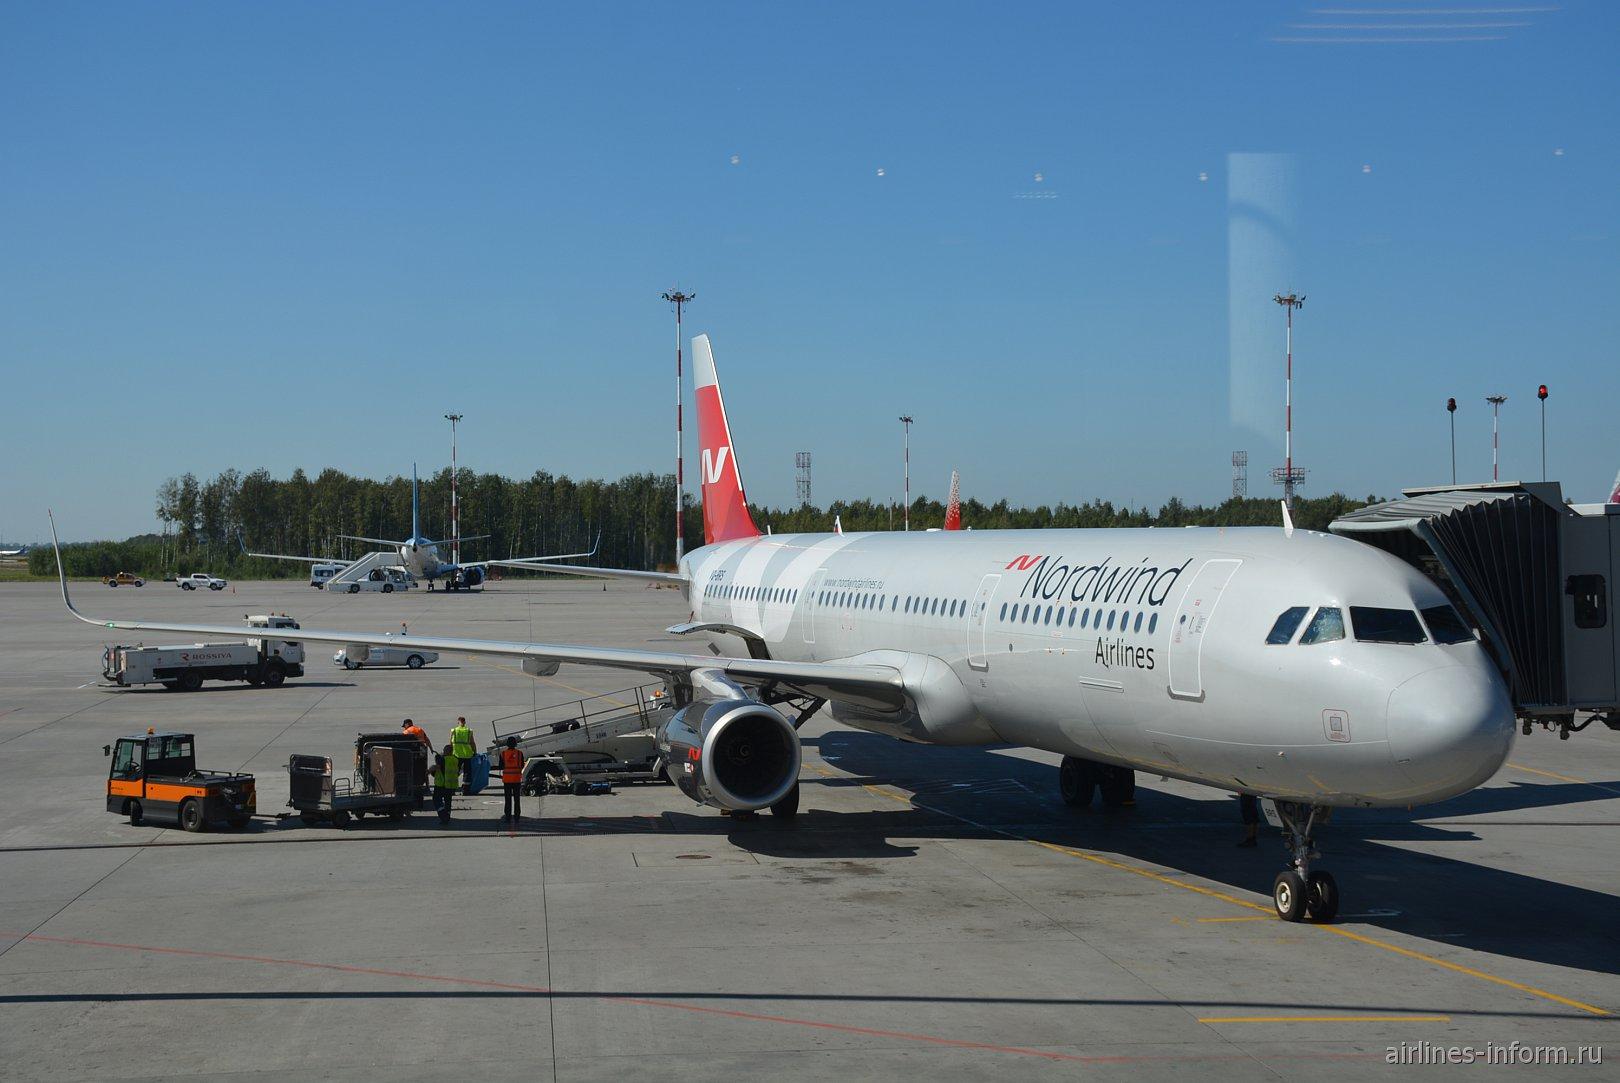 Самолет Airbus A321 авиакомпании Nordwind в аэропорту Пулково